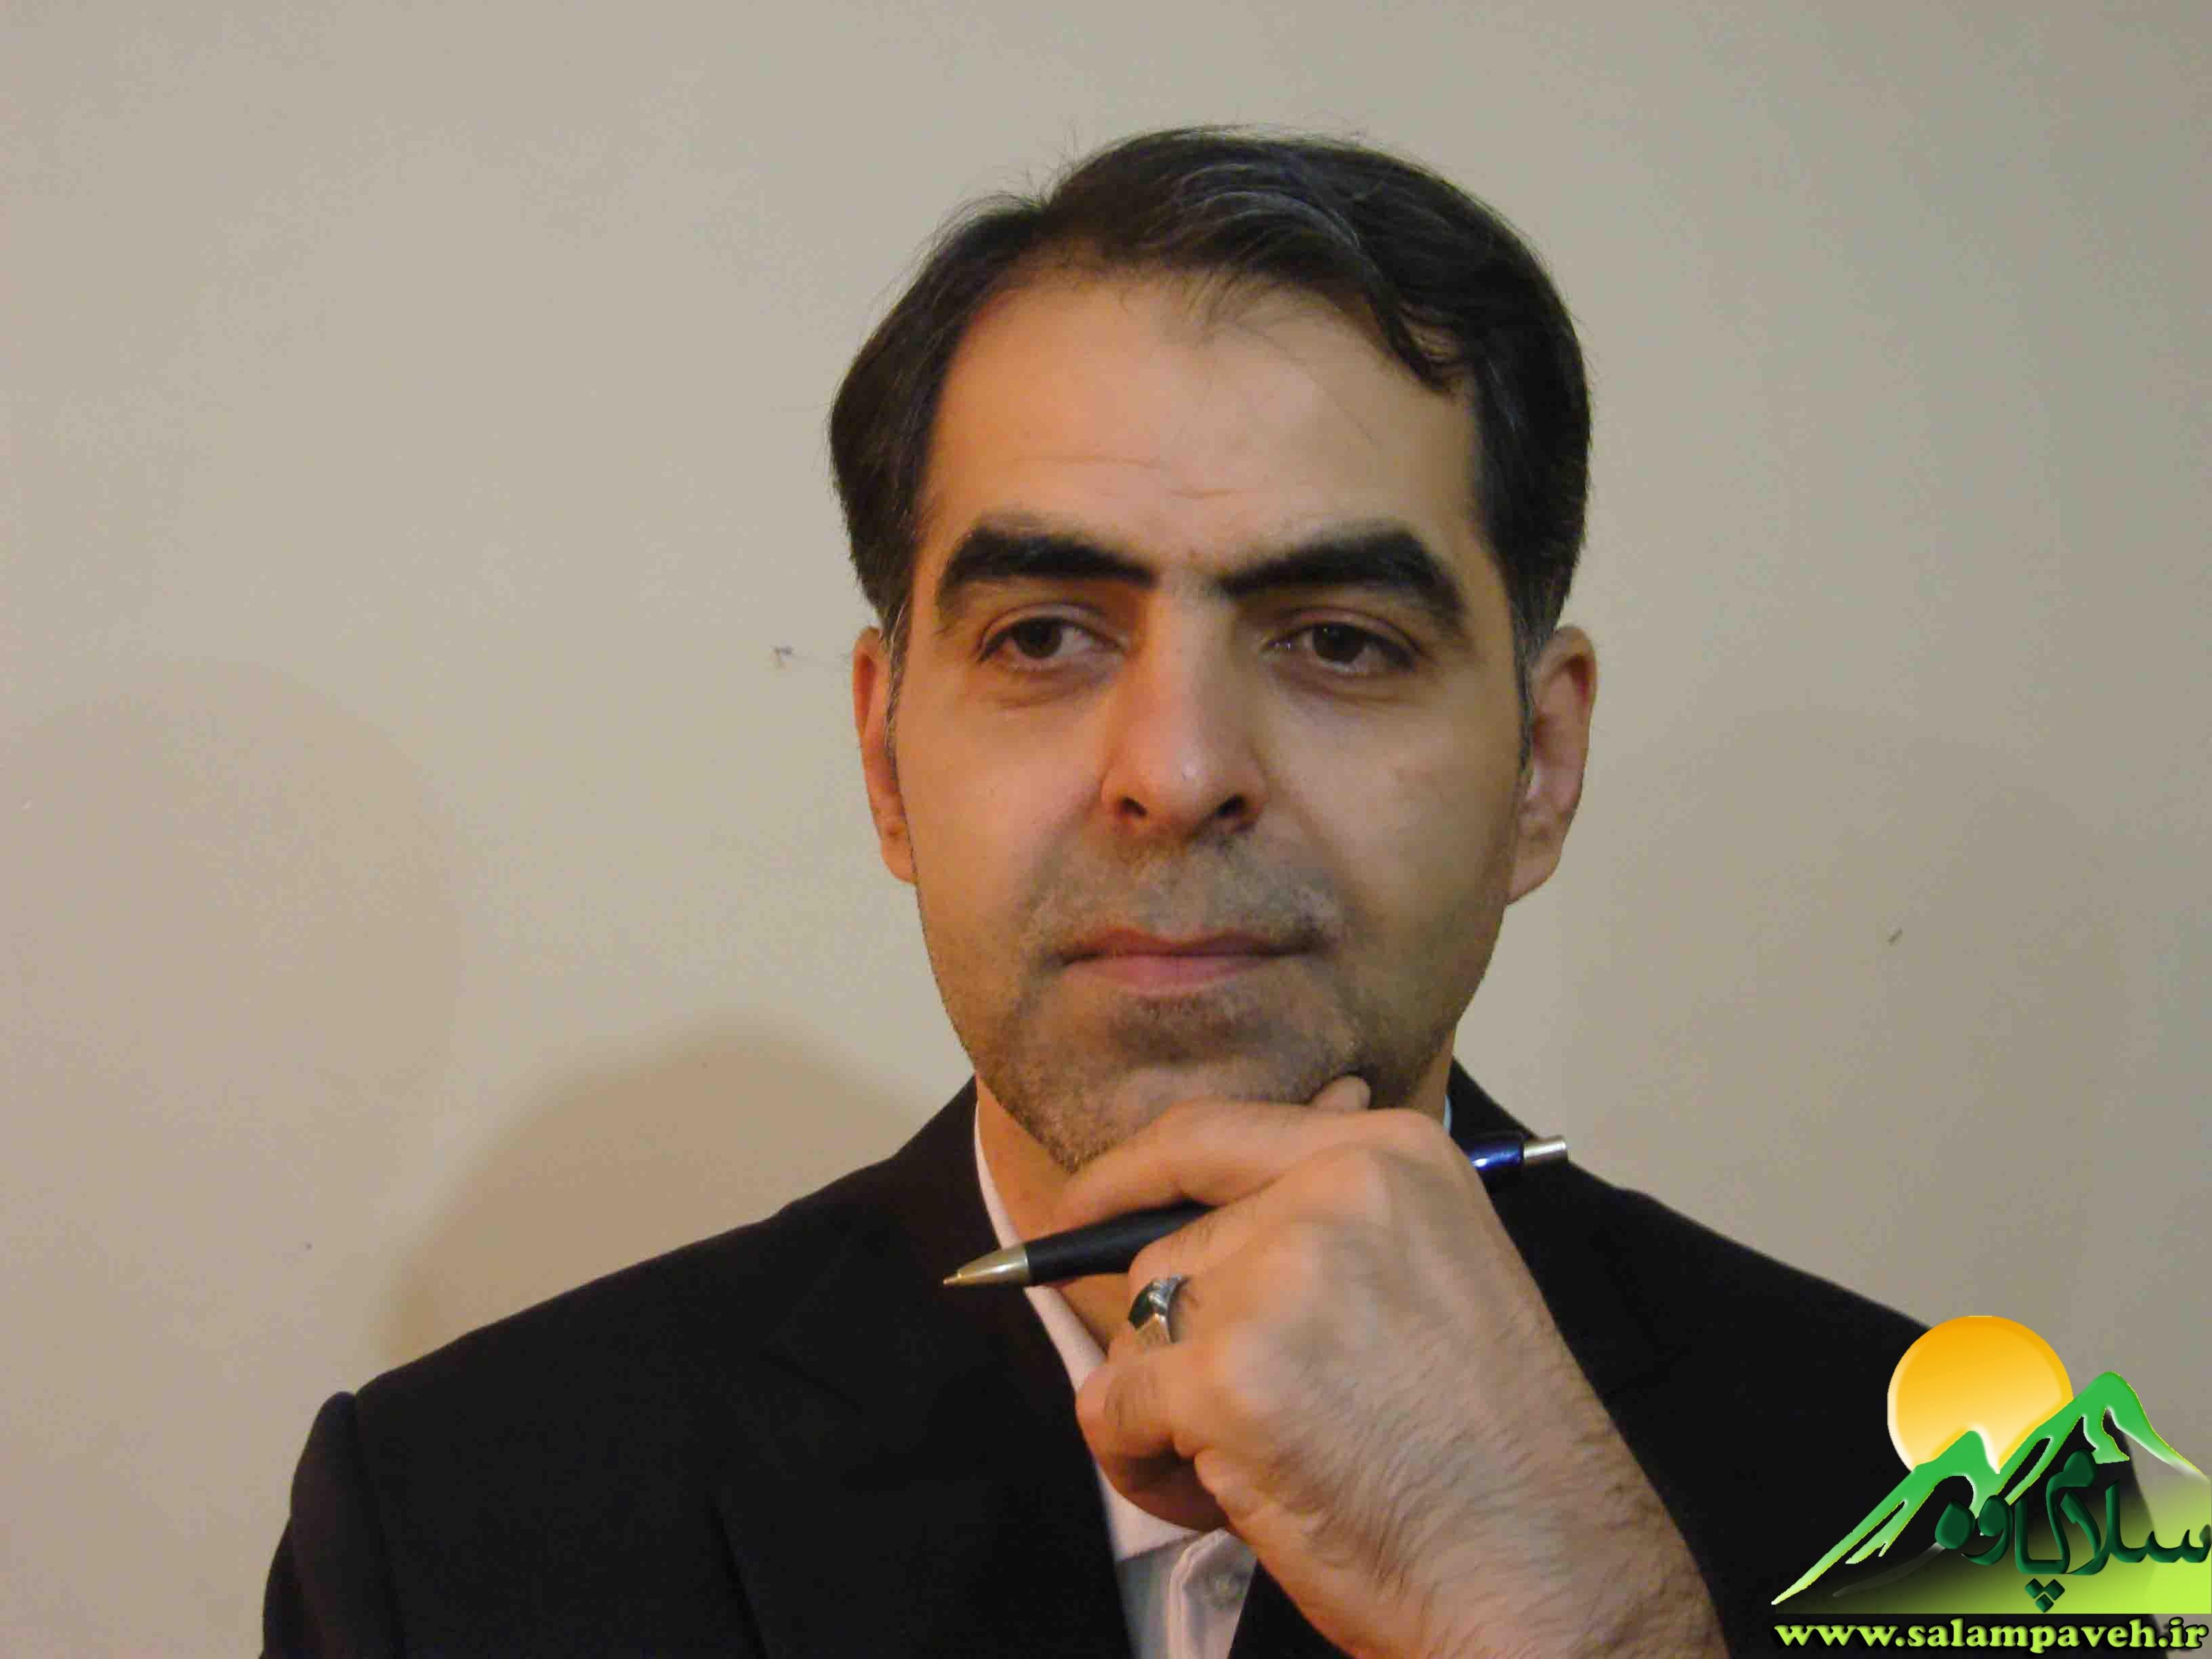 هنرمندان رسانه و فعالان سیاسی / علیرضا سعید آبادی